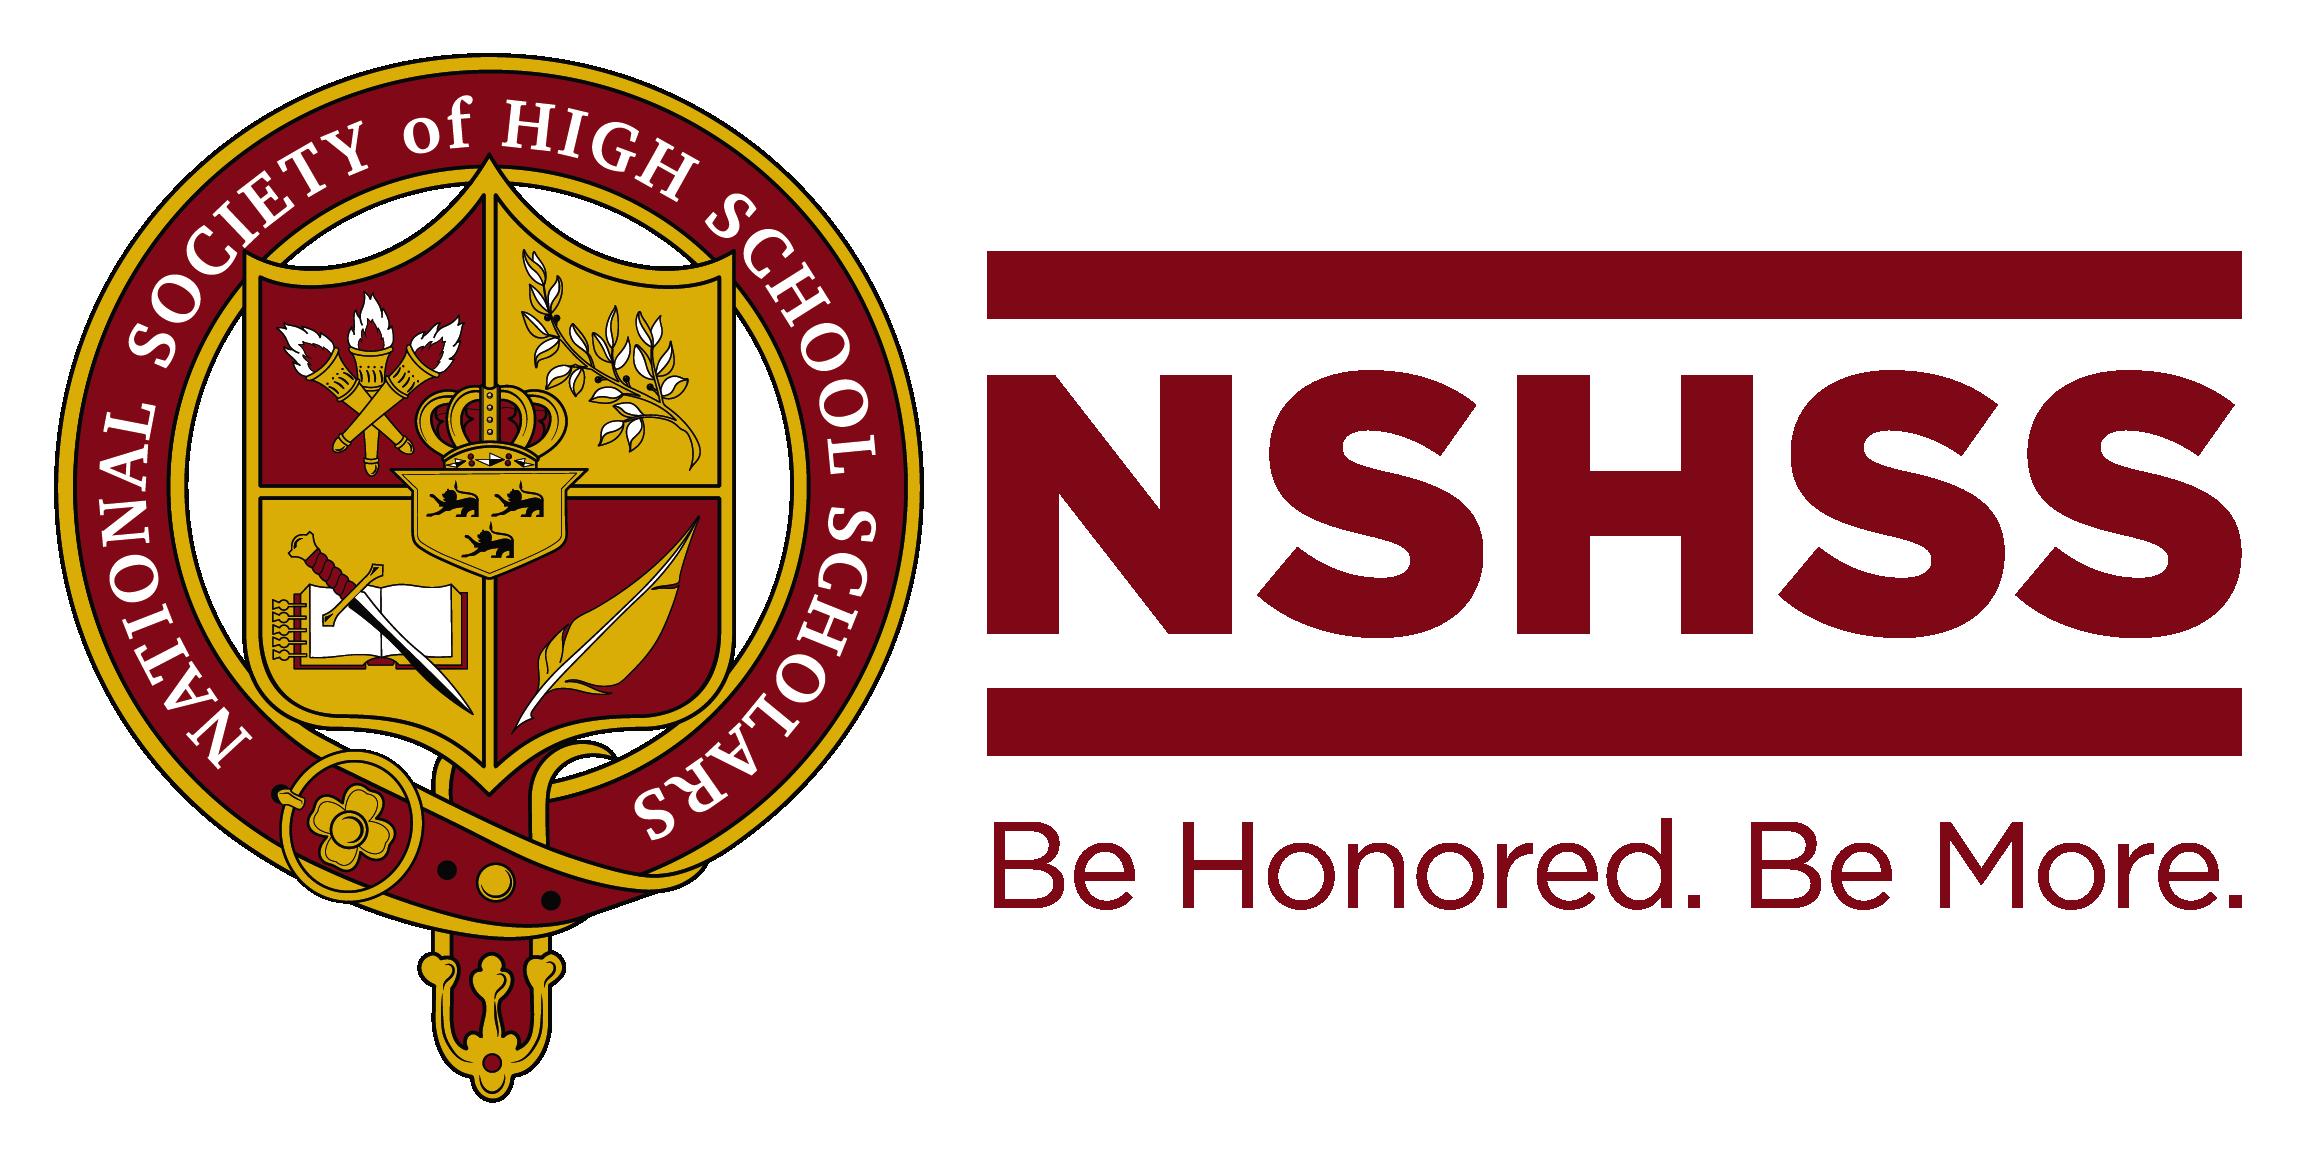 NSHSS FormalCrest+Lettermark-Horizontal.png